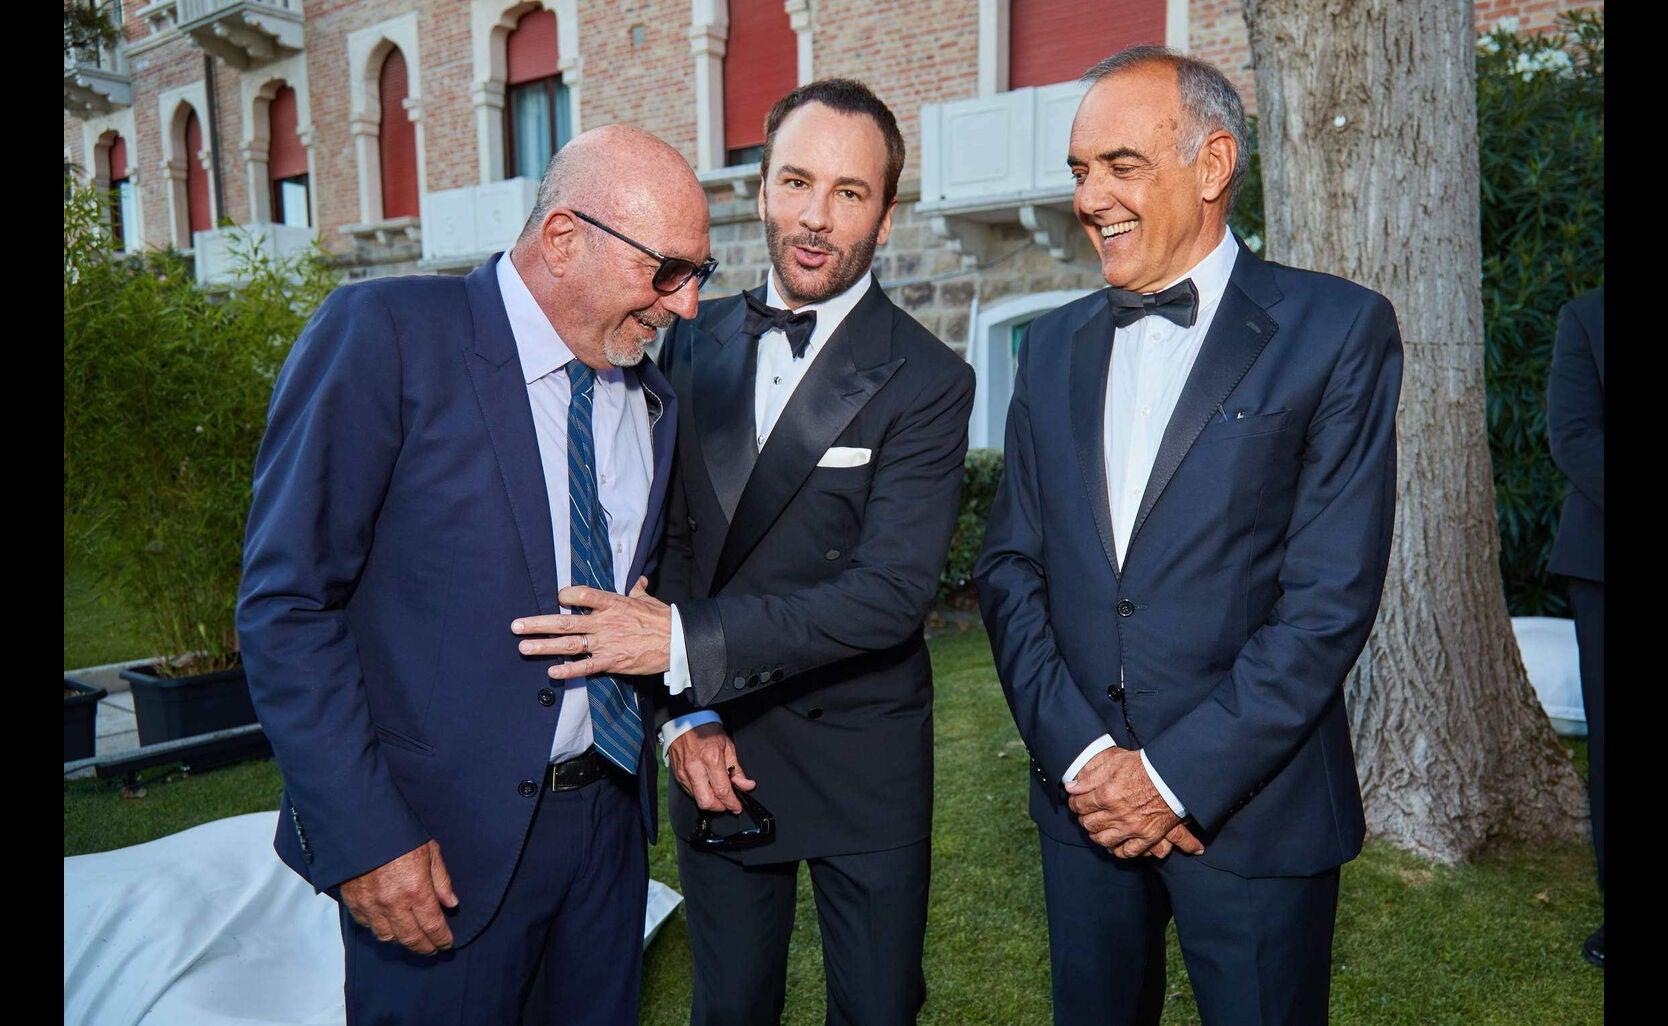 HFPA president Lorenzo Soria, Tom Ford and festival drector Alberto Barbera, HFPA reception, Venice 2016